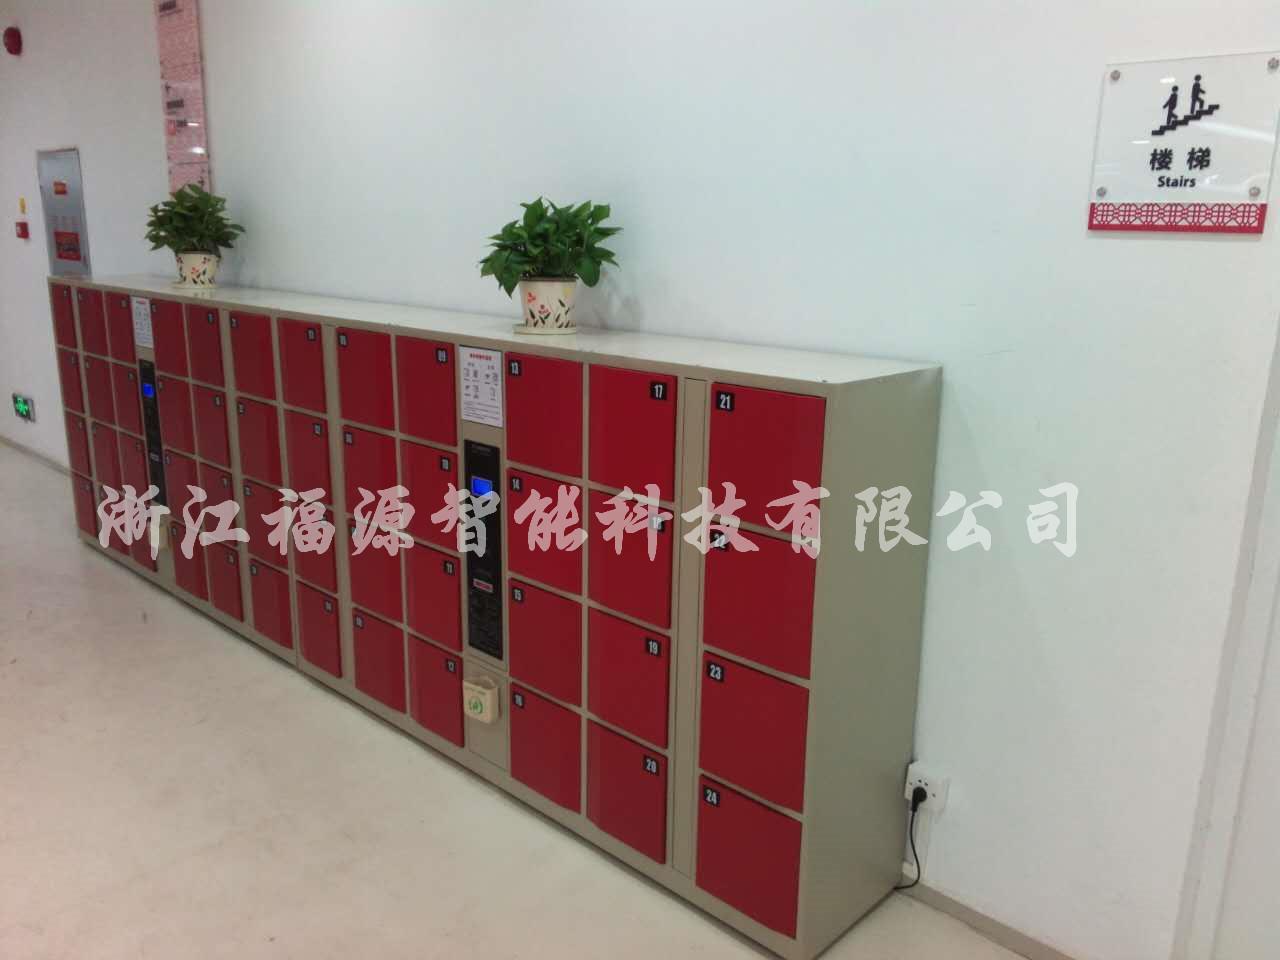 图书馆寄存柜 校园存包柜及一卡通储物柜的建议与定制-浙江福源